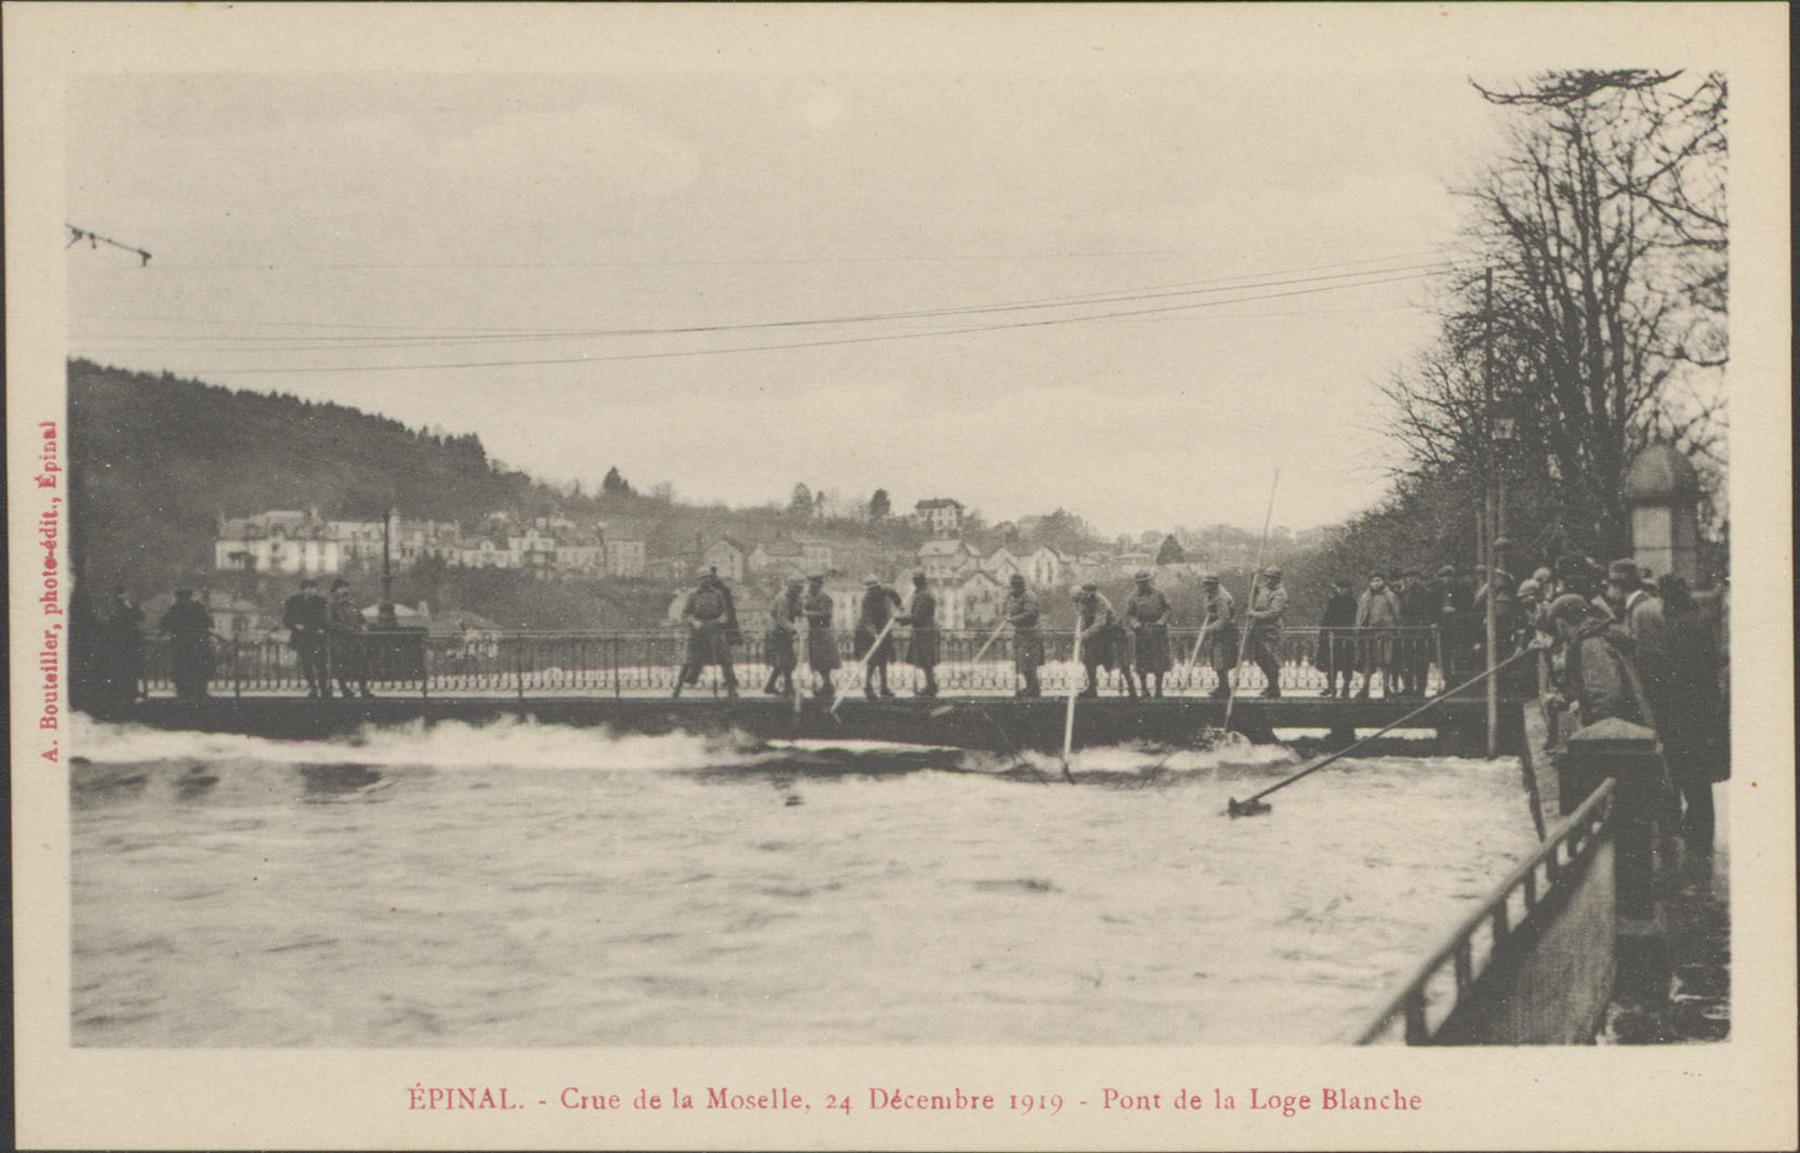 Contenu du Épinal, Crue de la Moselle, 24 décembre 1919, Pont de la Loge Blanche